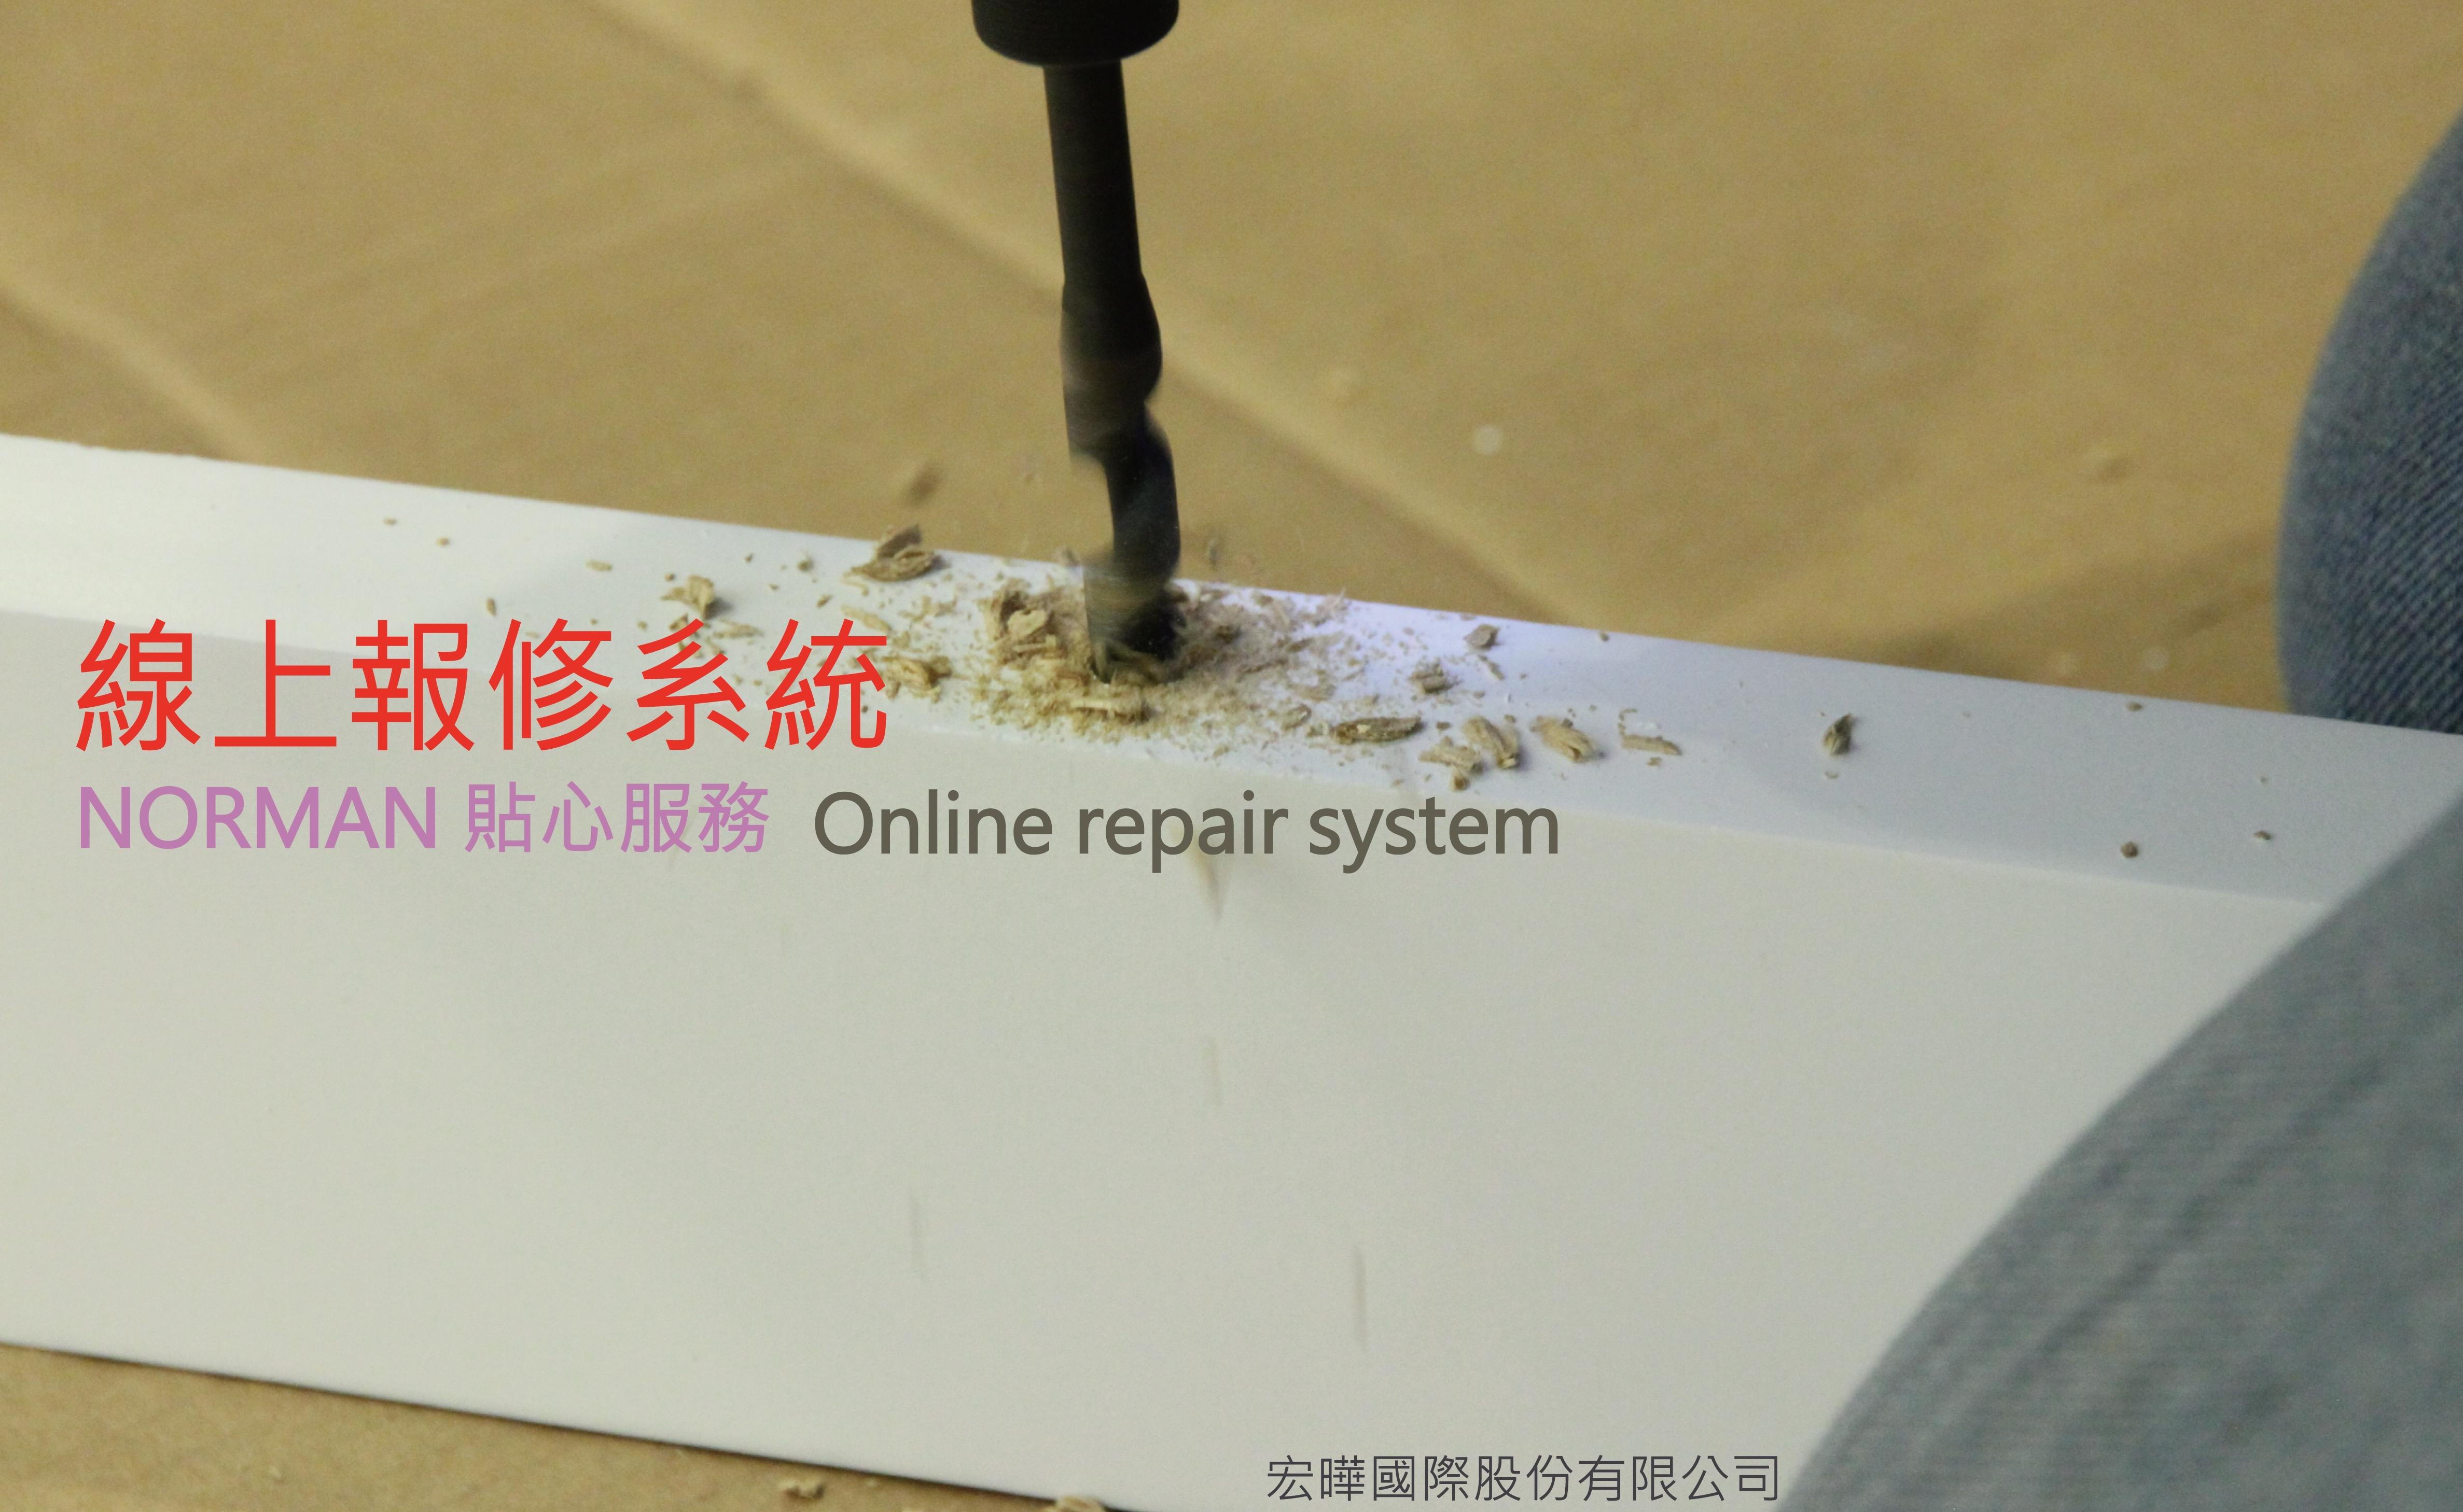 線上維修系統.jpg